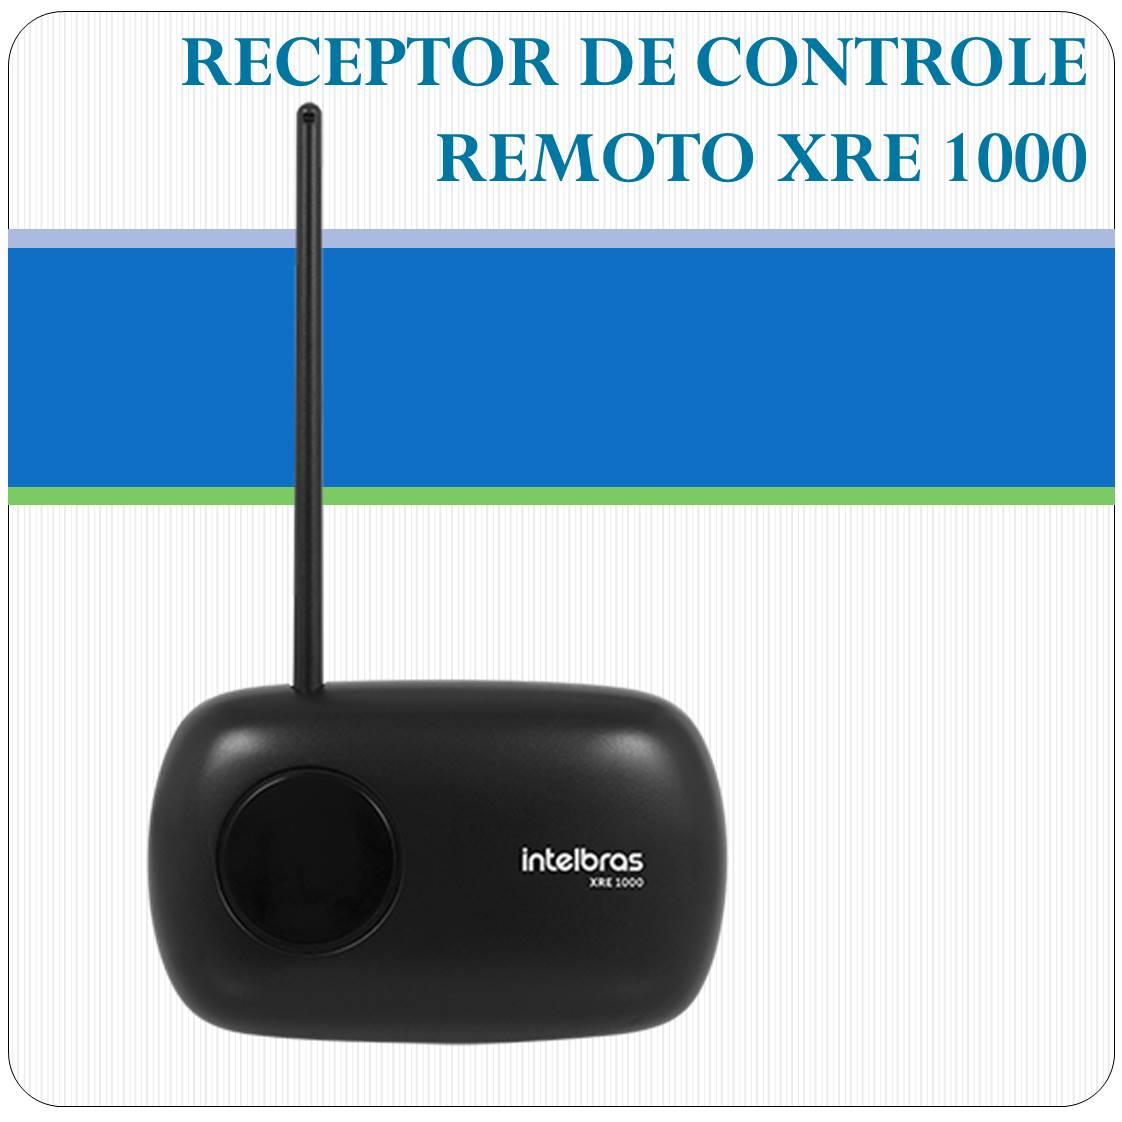 Receptor de controle remoto - XRE1000